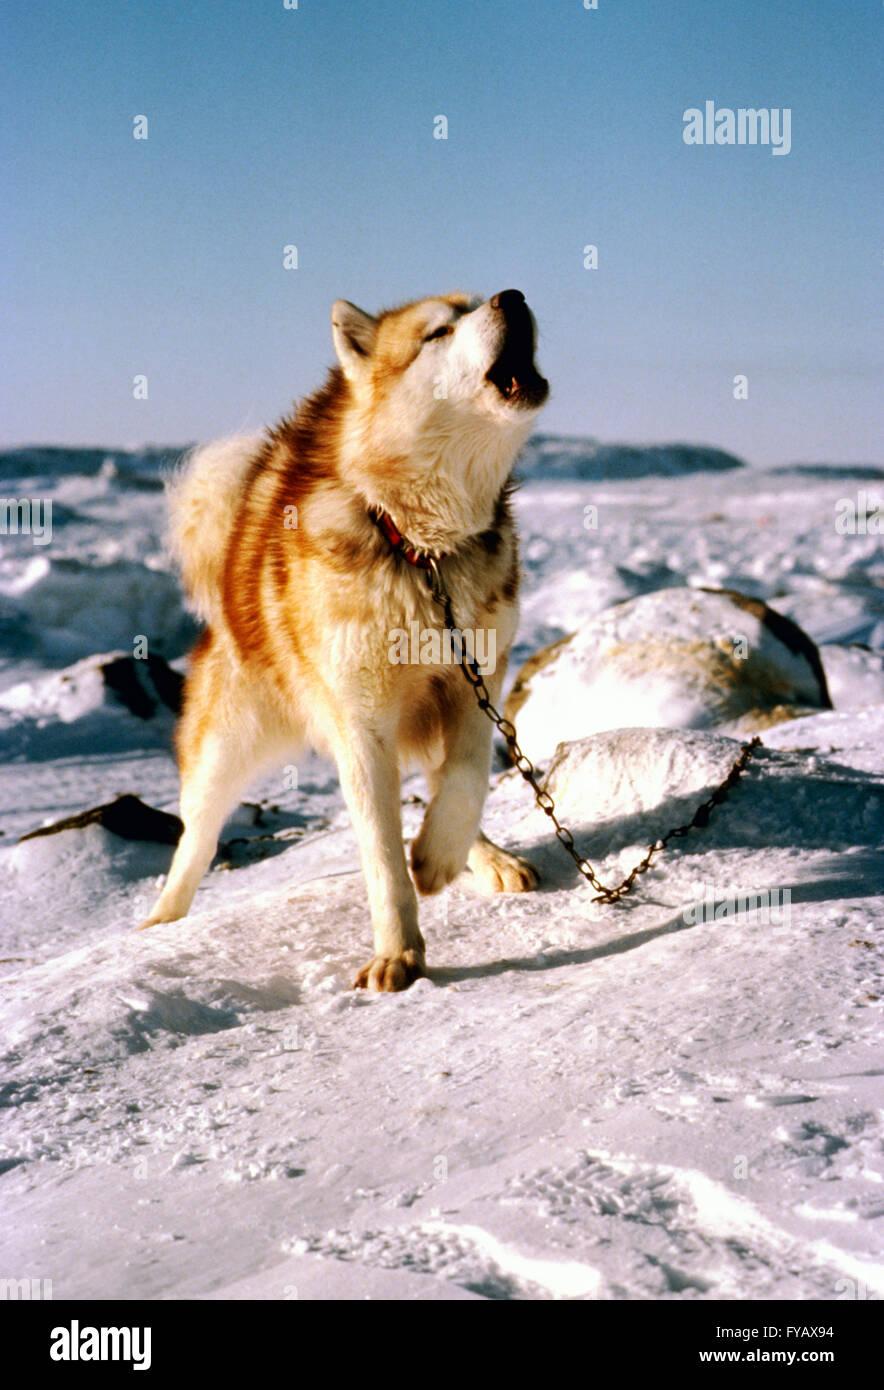 Howling Canadian Inuit (Eskimo) Sled Dog - Stock Image